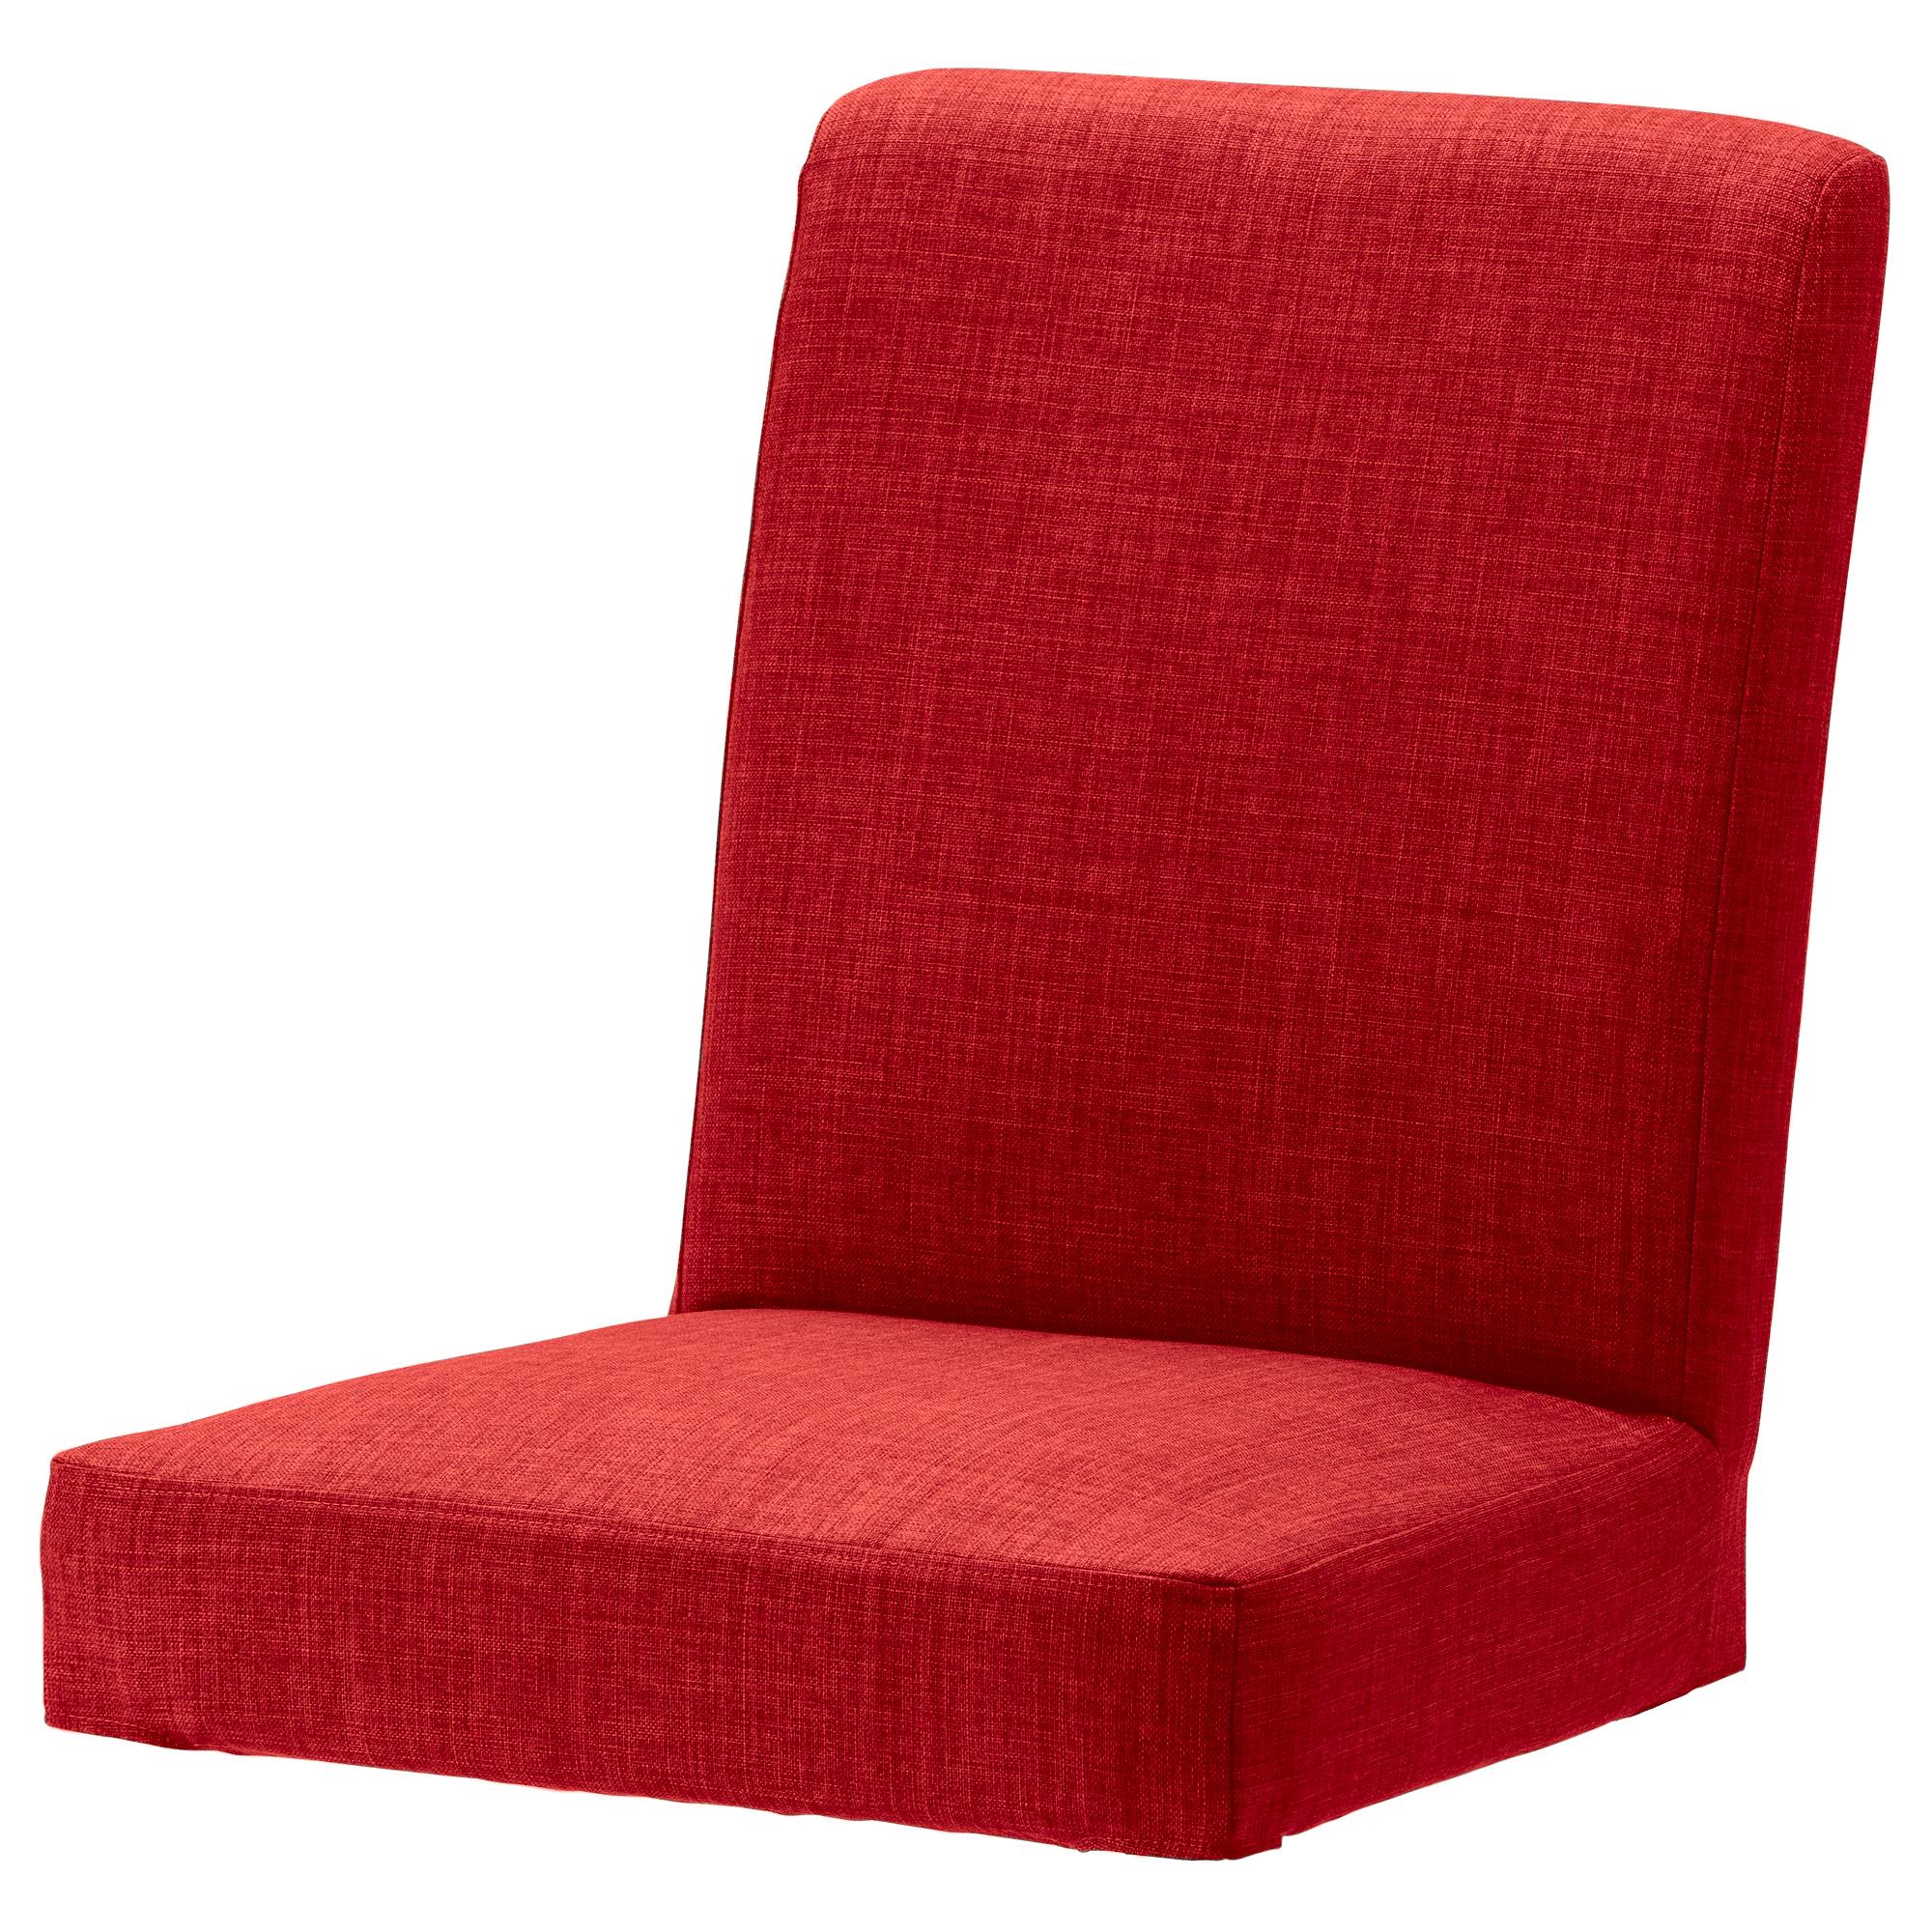 ersatz belegabdeckung f r ikea henriksdal essstst hle leinen effekt stoff ebay. Black Bedroom Furniture Sets. Home Design Ideas